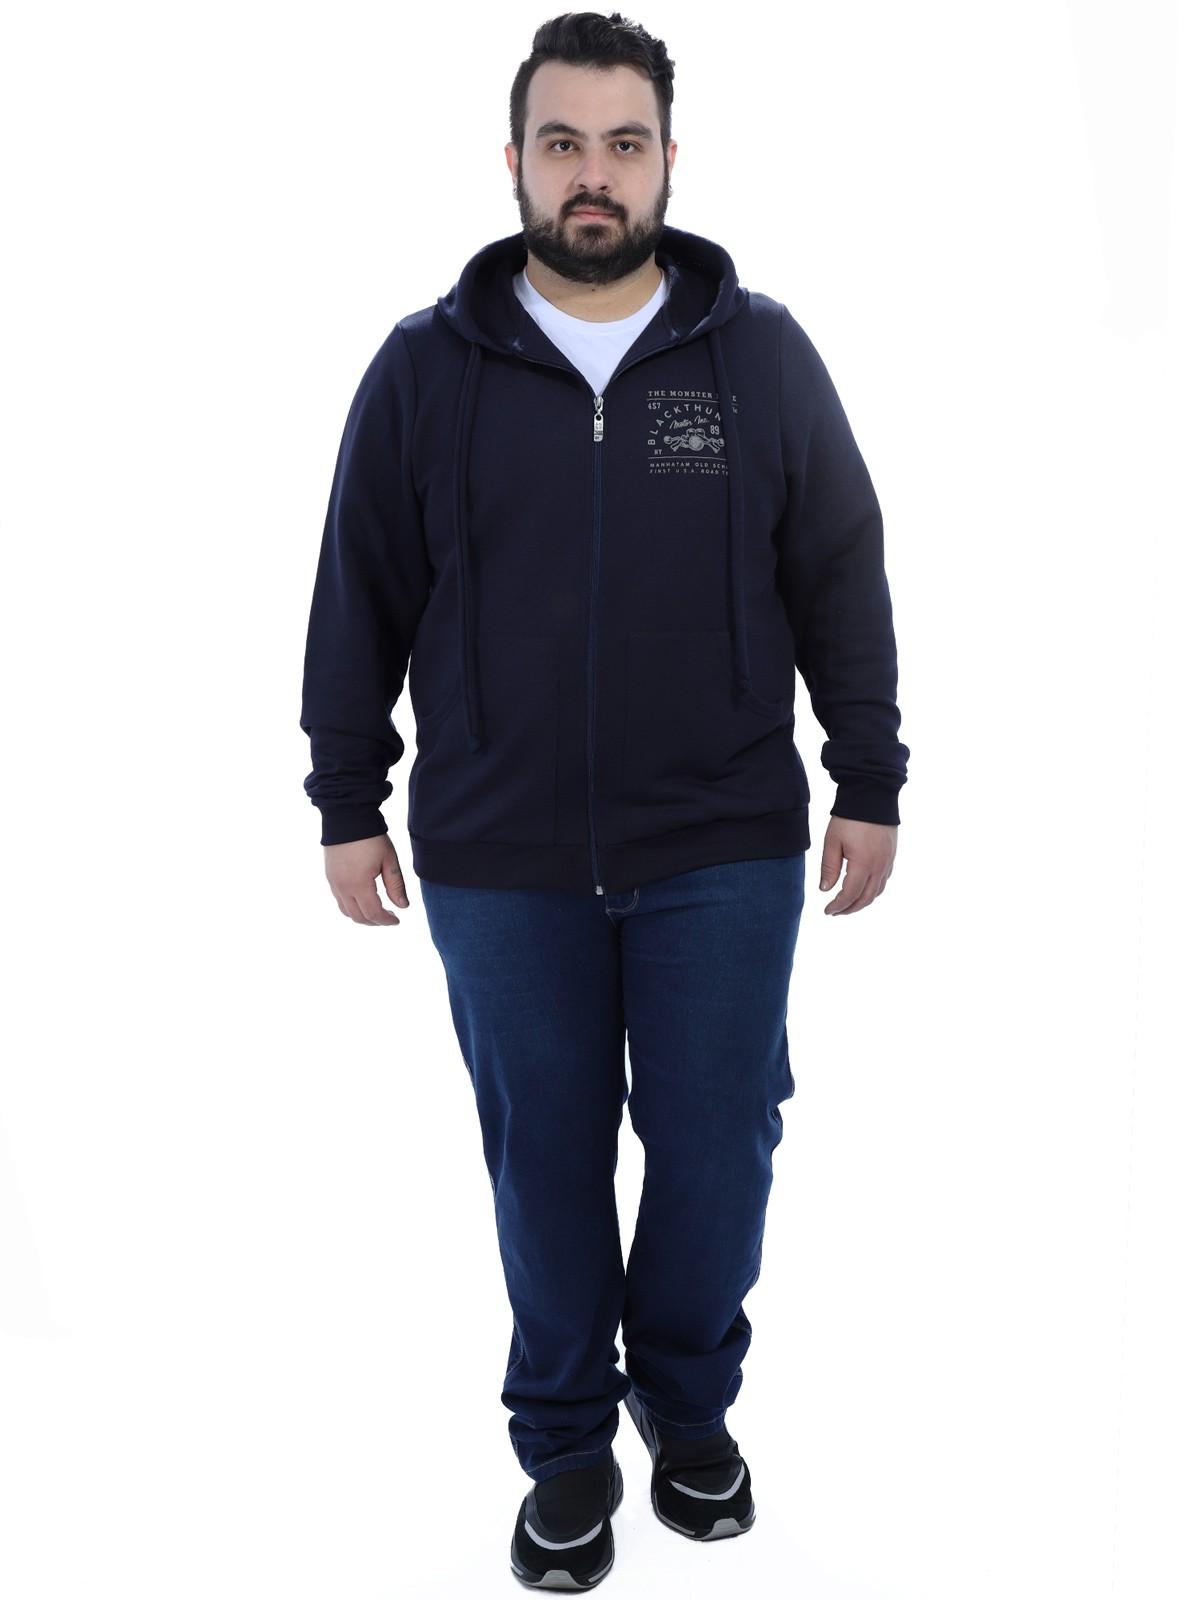 Jaqueta Plus Size Masculino de Moletom com Capuz Anistia Azul Marinho